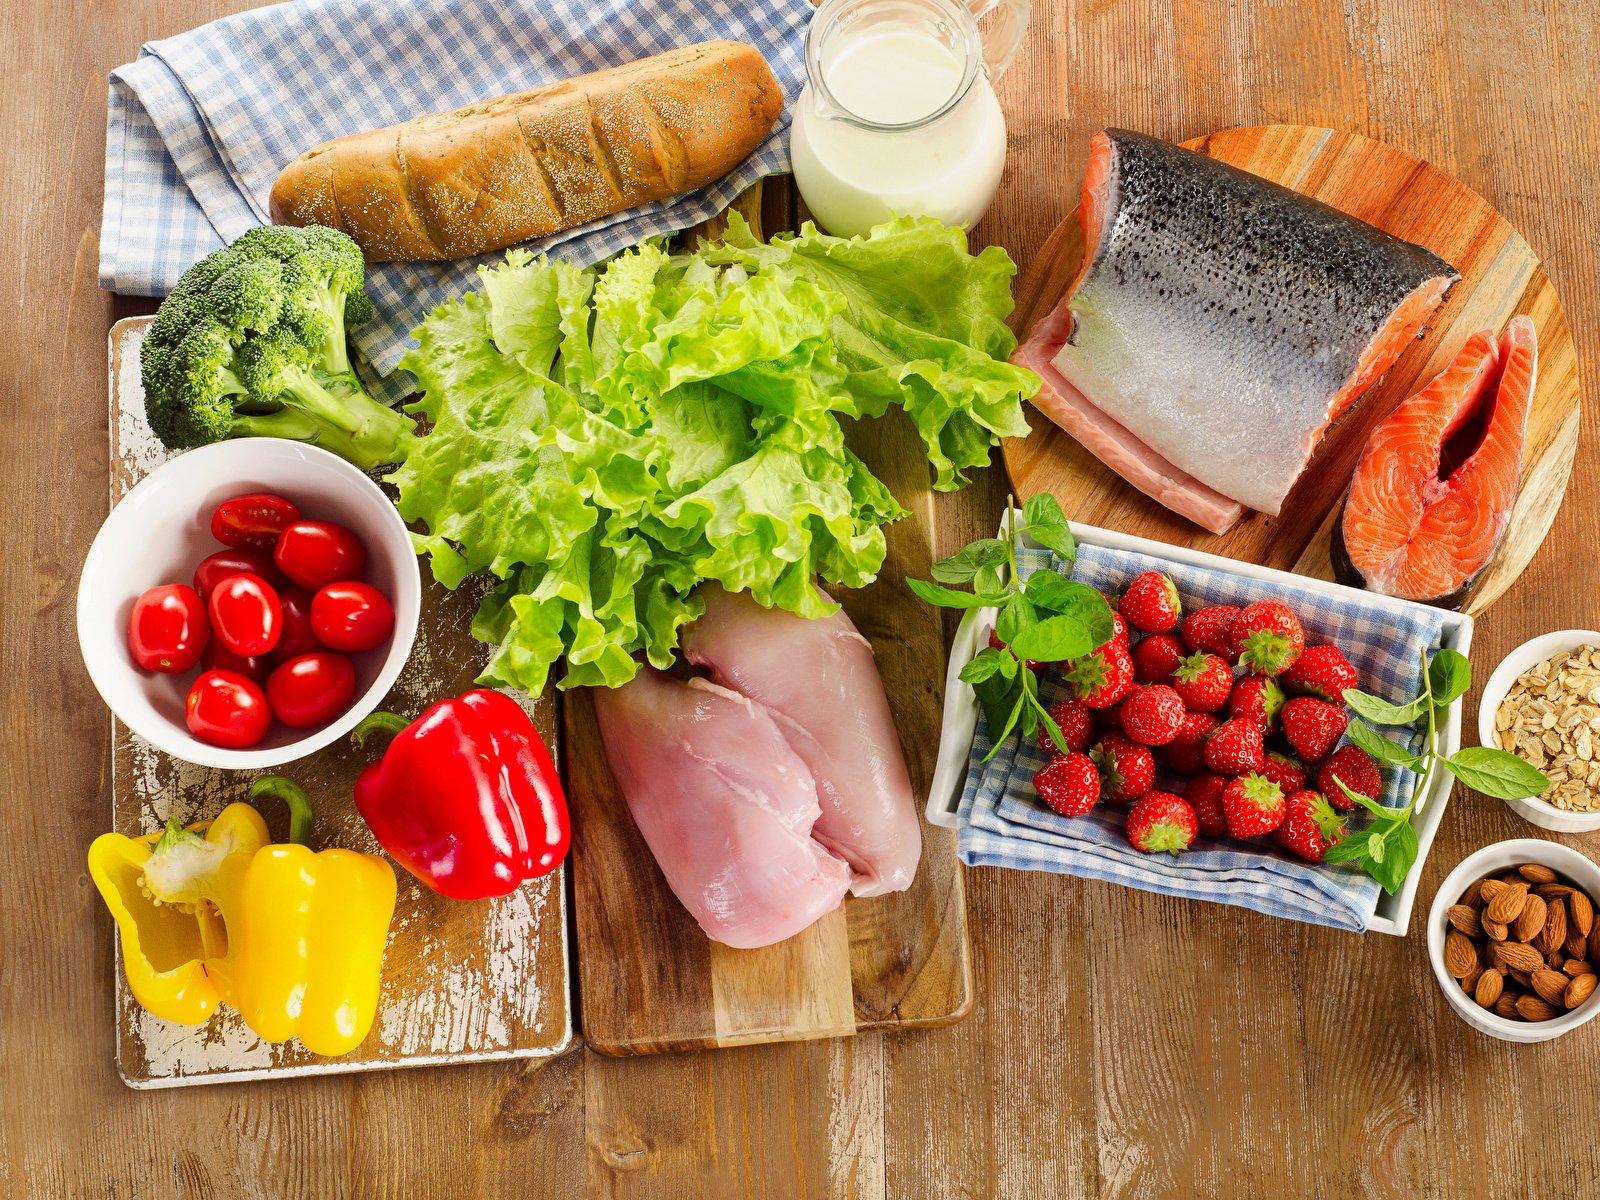 Сбалансированное Питание Диета 5. Диета «5 стол», меню на неделю с рецептами для домашнего приготовления